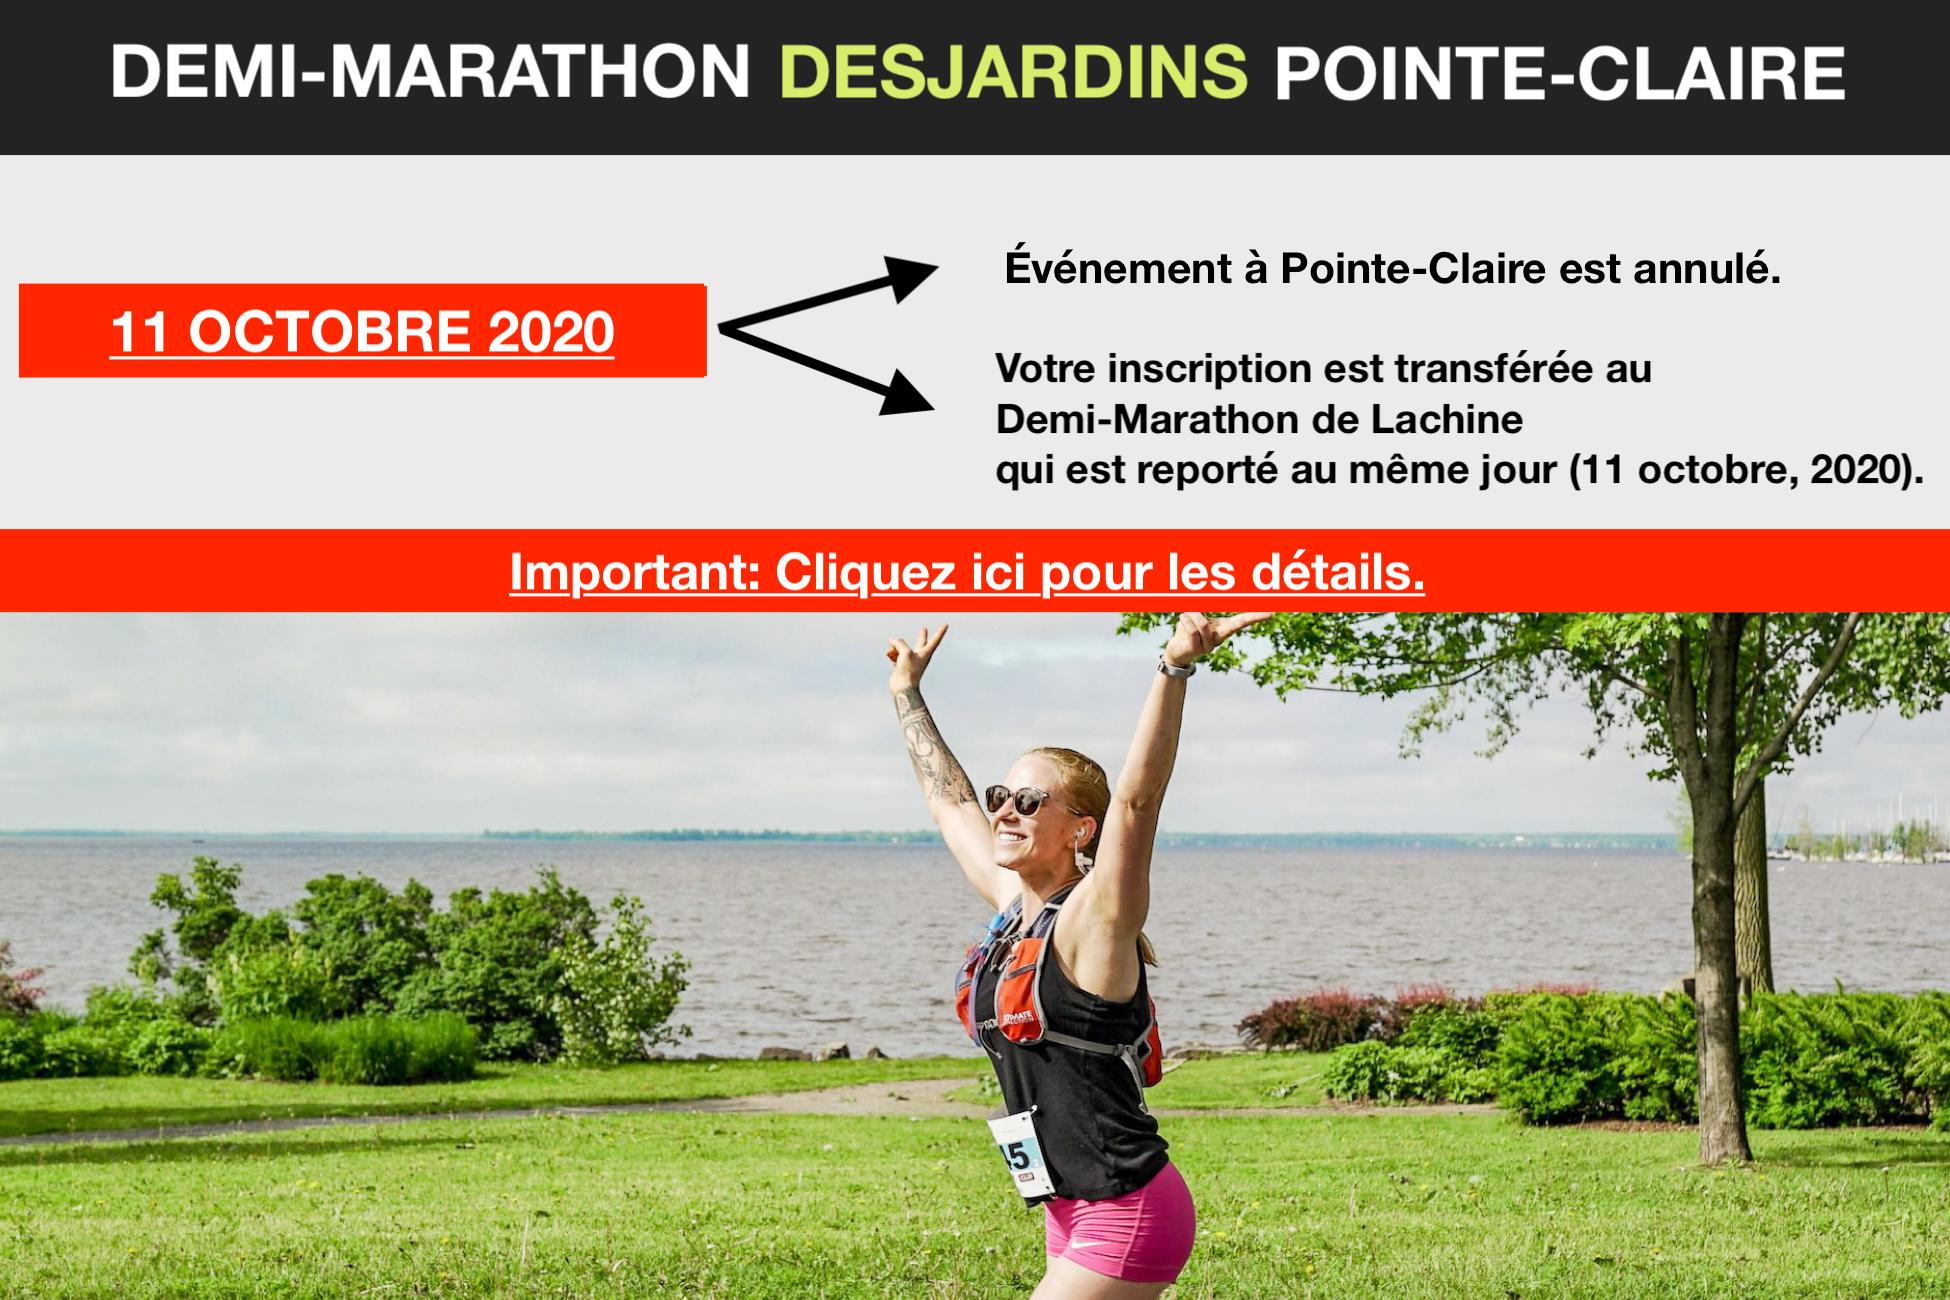 DEMI-MARATHON DE POINTE-CLAIRE 2020 - FR - ANNULE